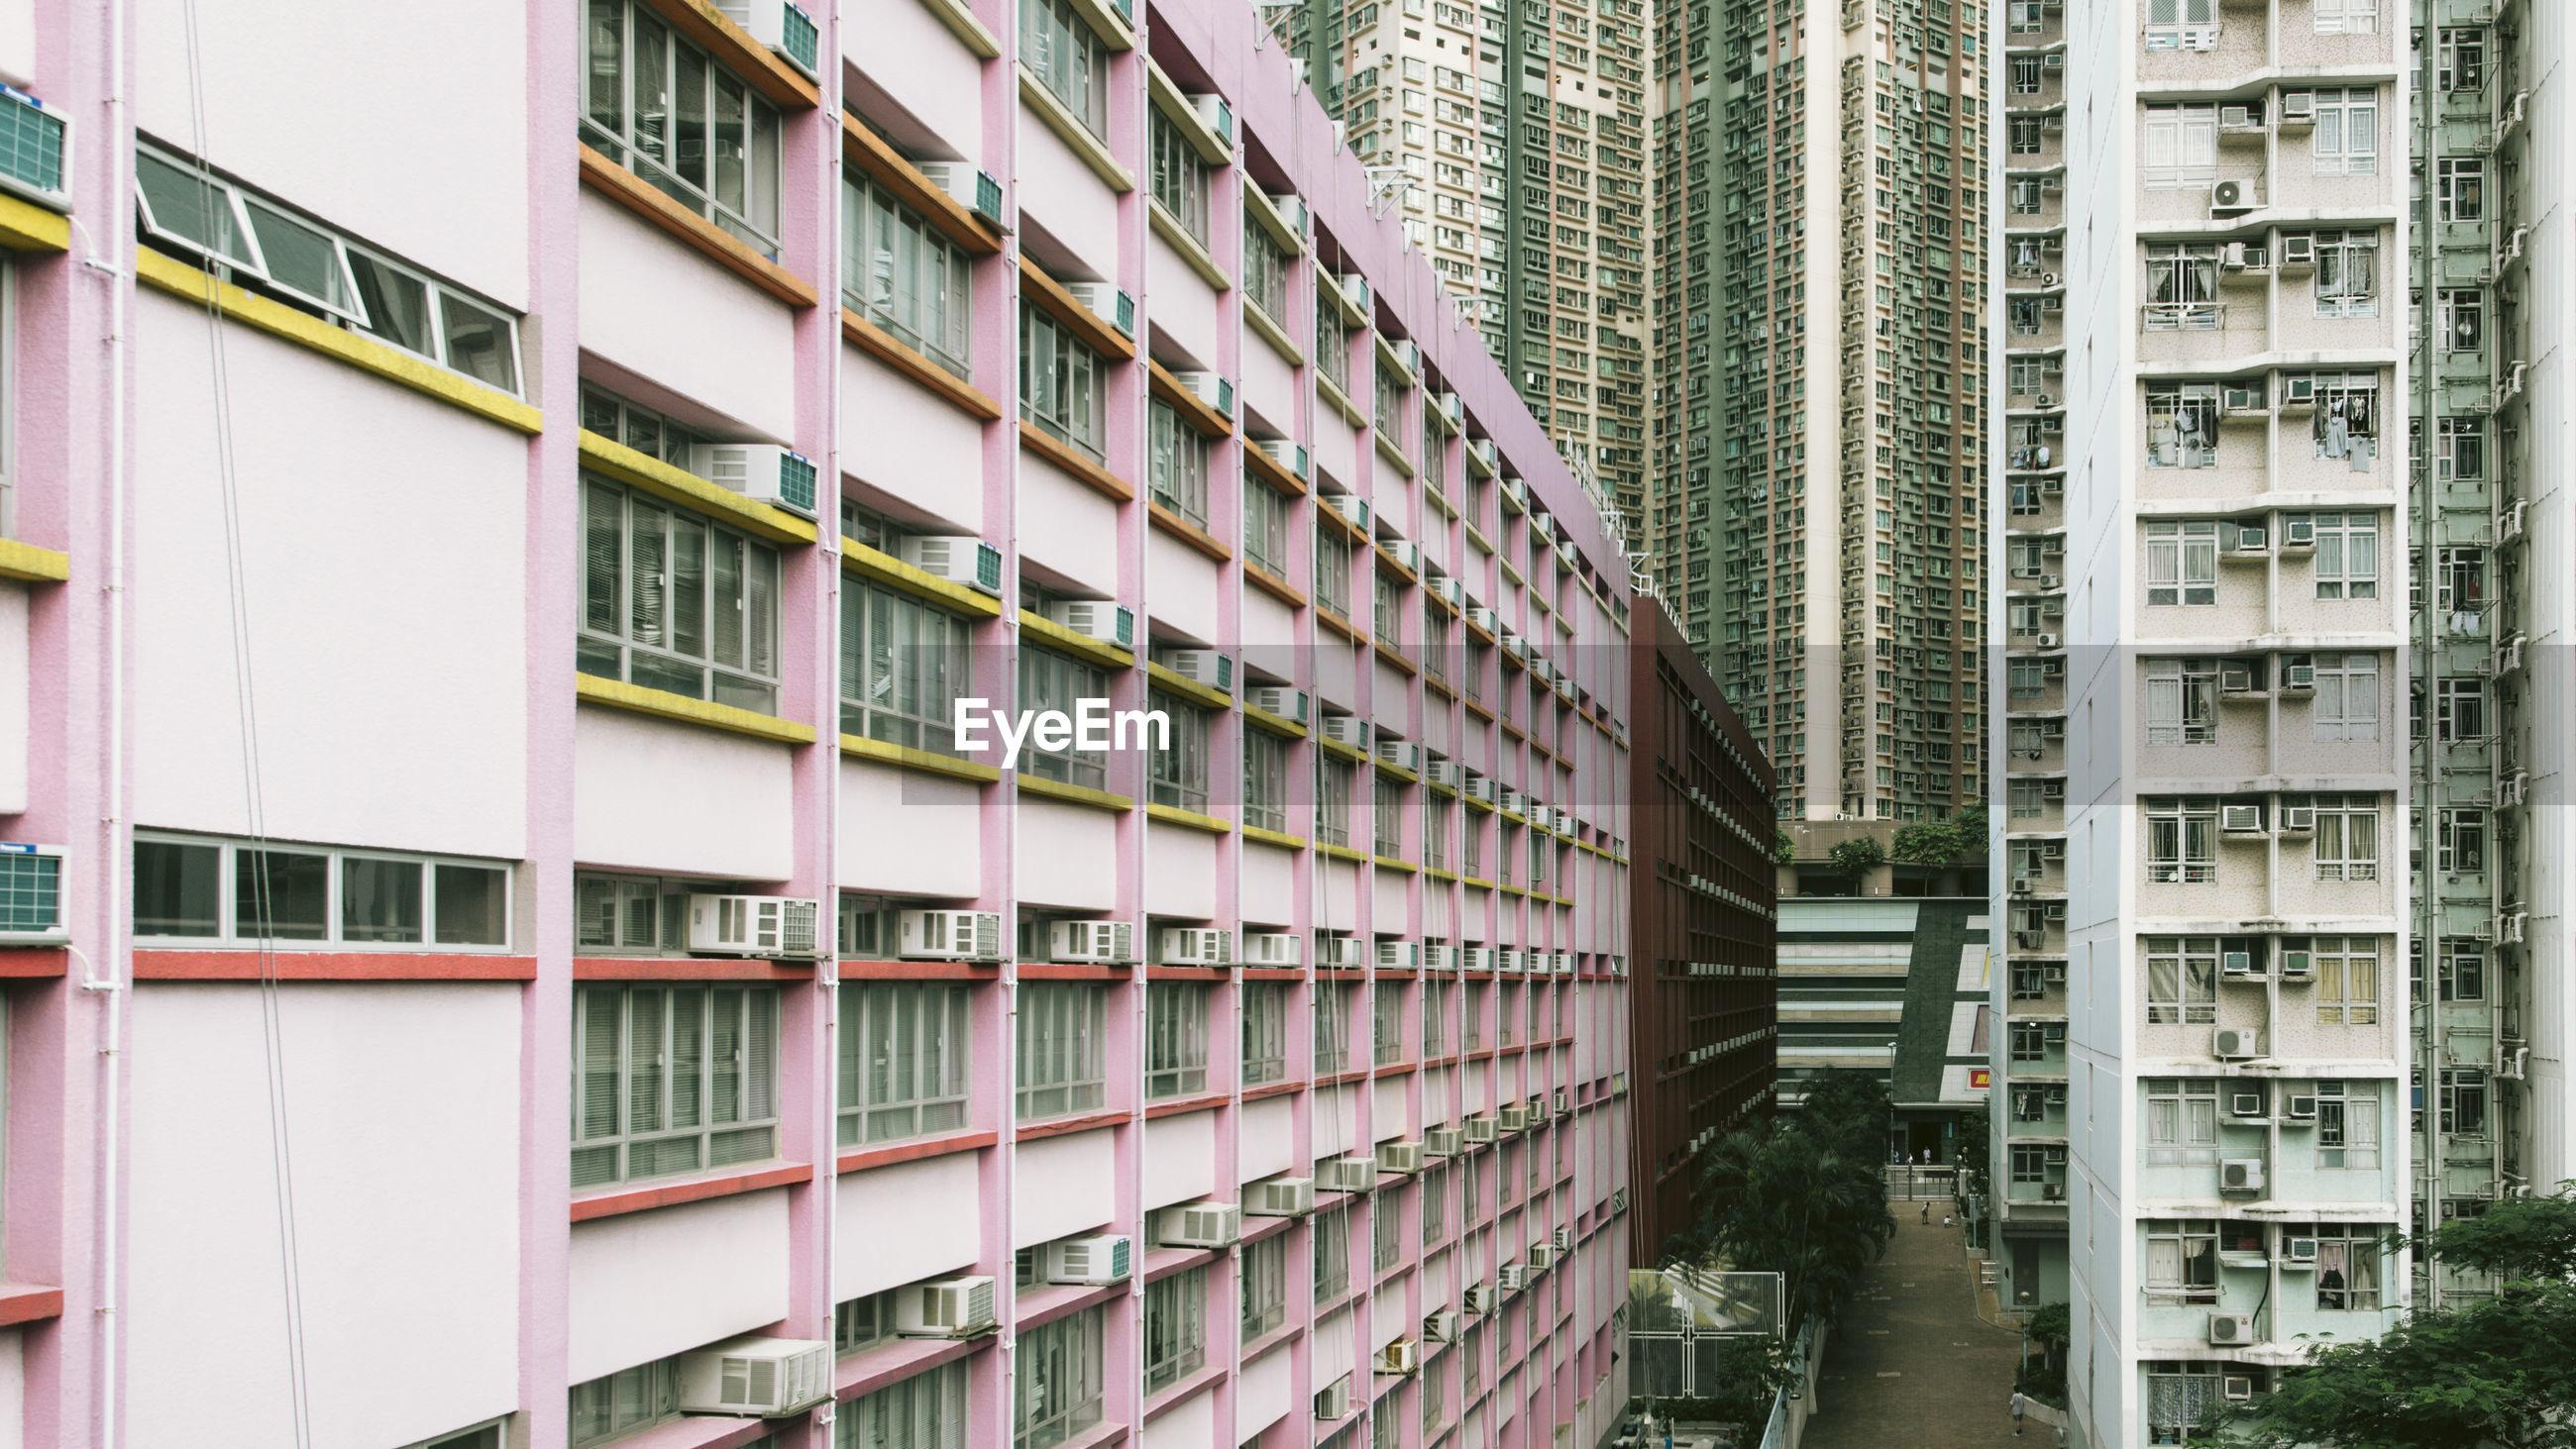 Full frame shot of apartment buildings